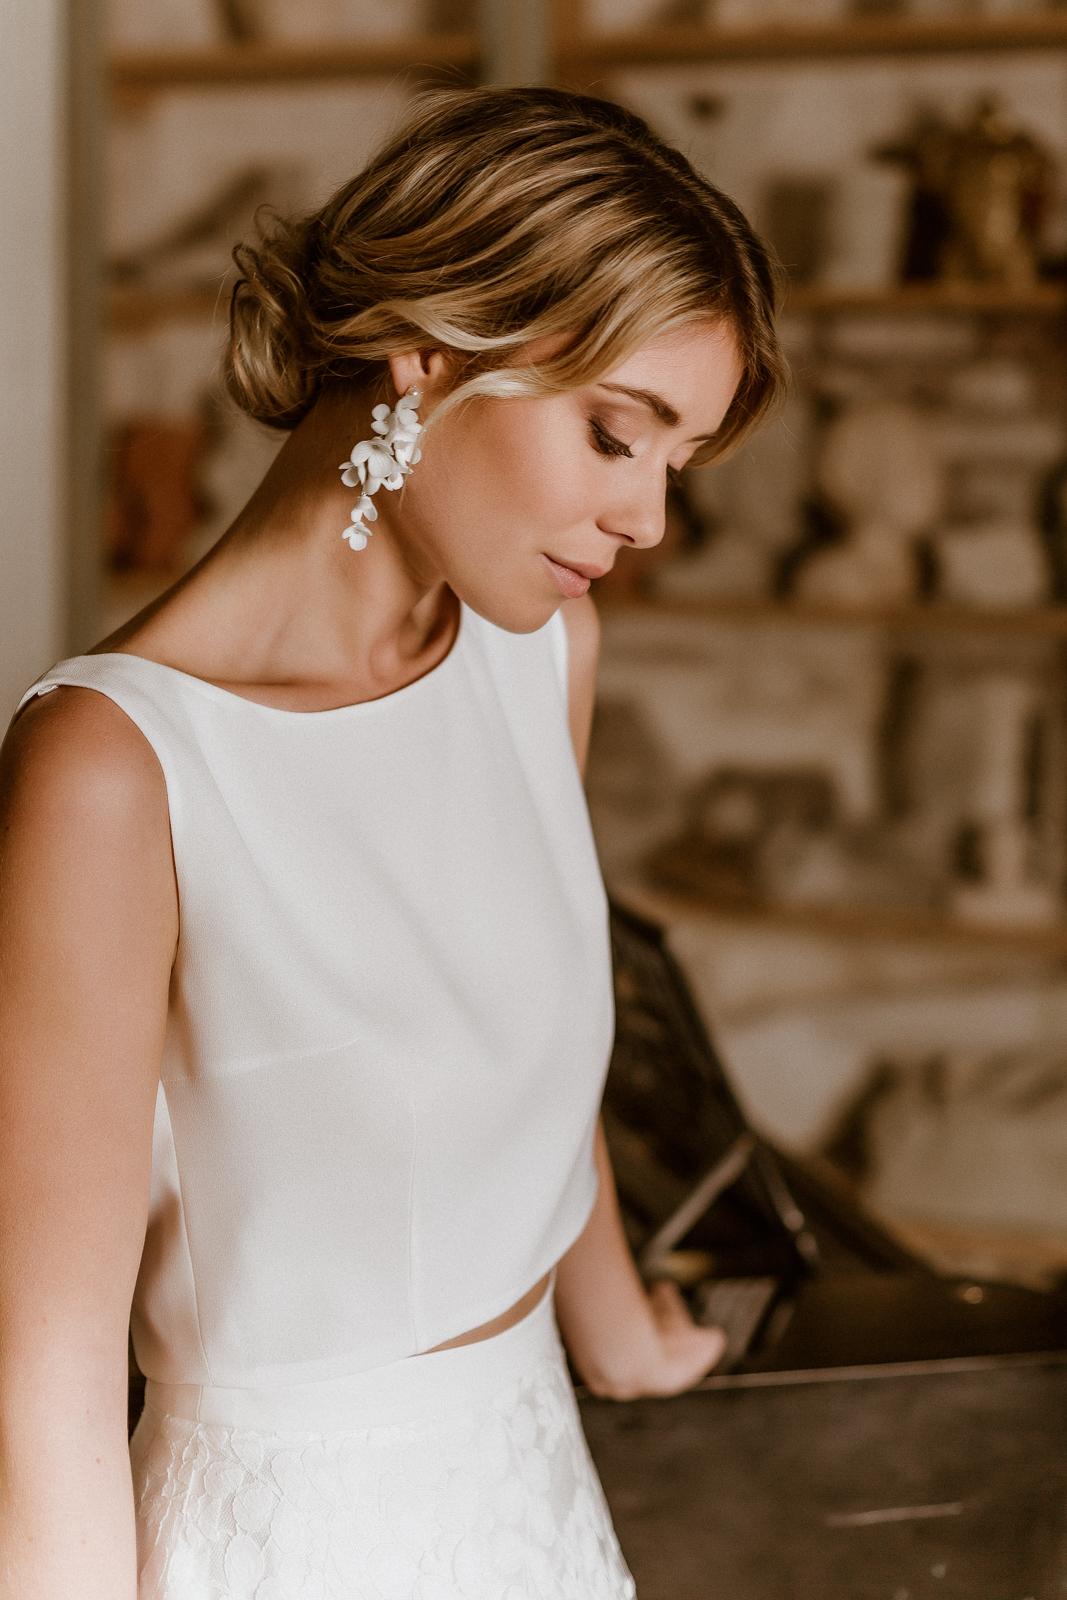 noni Jubiläumskollektion   Wadenlanges Brautkleid mit schlichtem, ärmellosem Top  (Foto: Le Hai Linh)